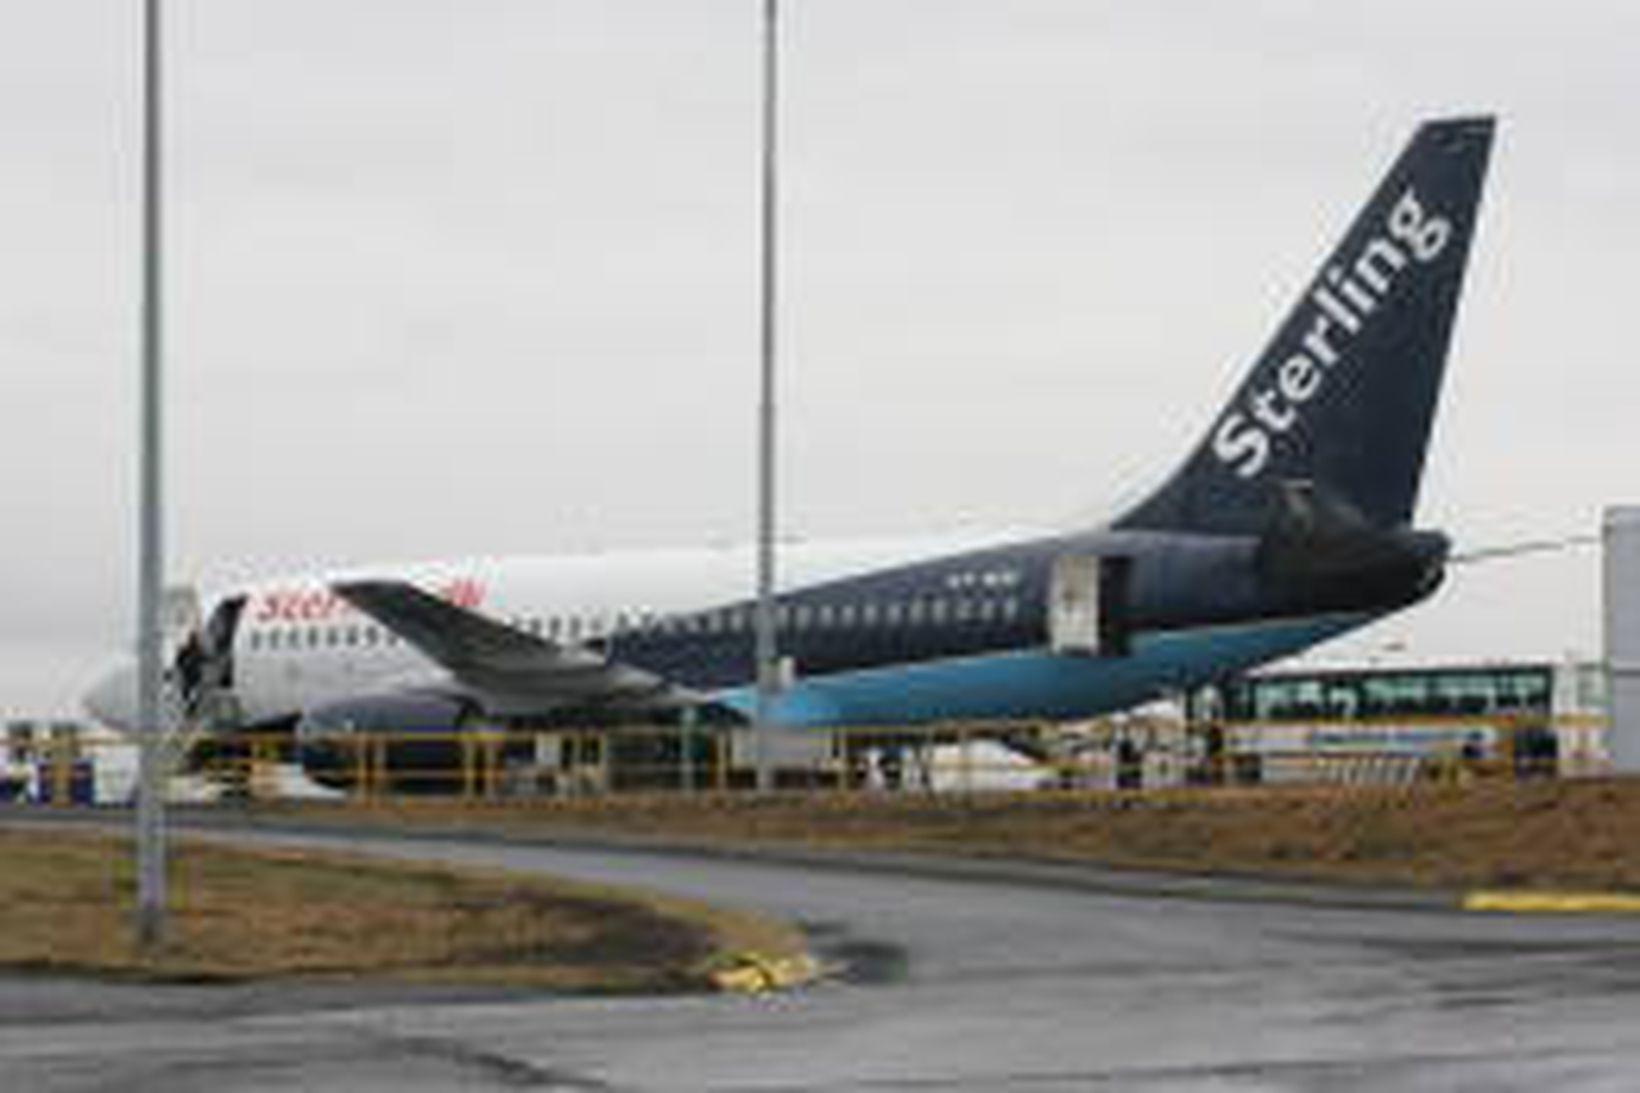 Flugvél Sterling á Reykjavíkurflugvelli.